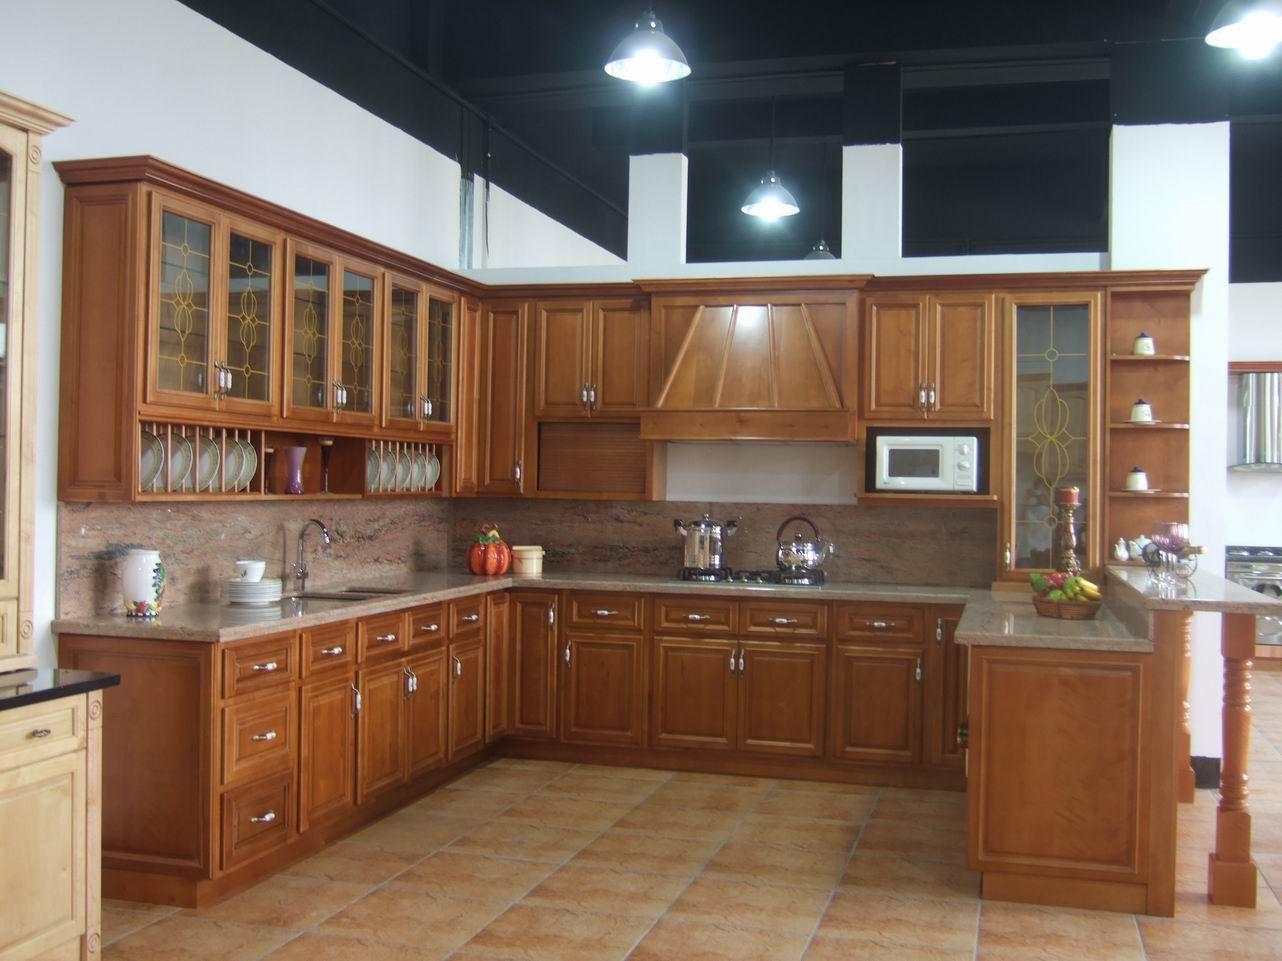 Kitchen European Spanish Tuscan Classic White Color Cabinets Sets Kitchen Island Brown W Kitchen Furniture Design Interior Design Kitchen Design Your Kitchen